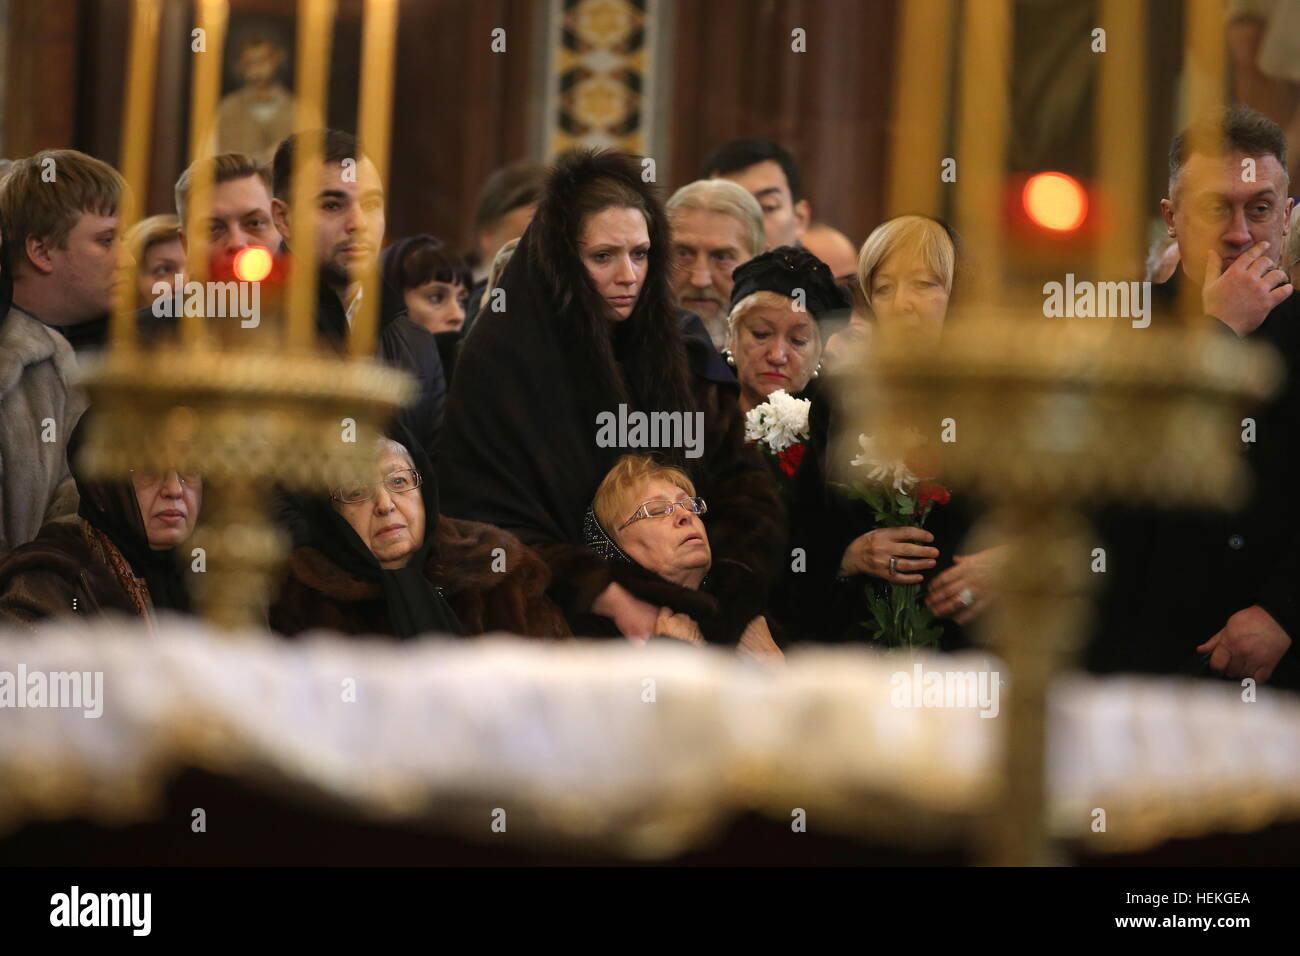 The widow of Andrei Krasko is getting married 08/10/2010 86